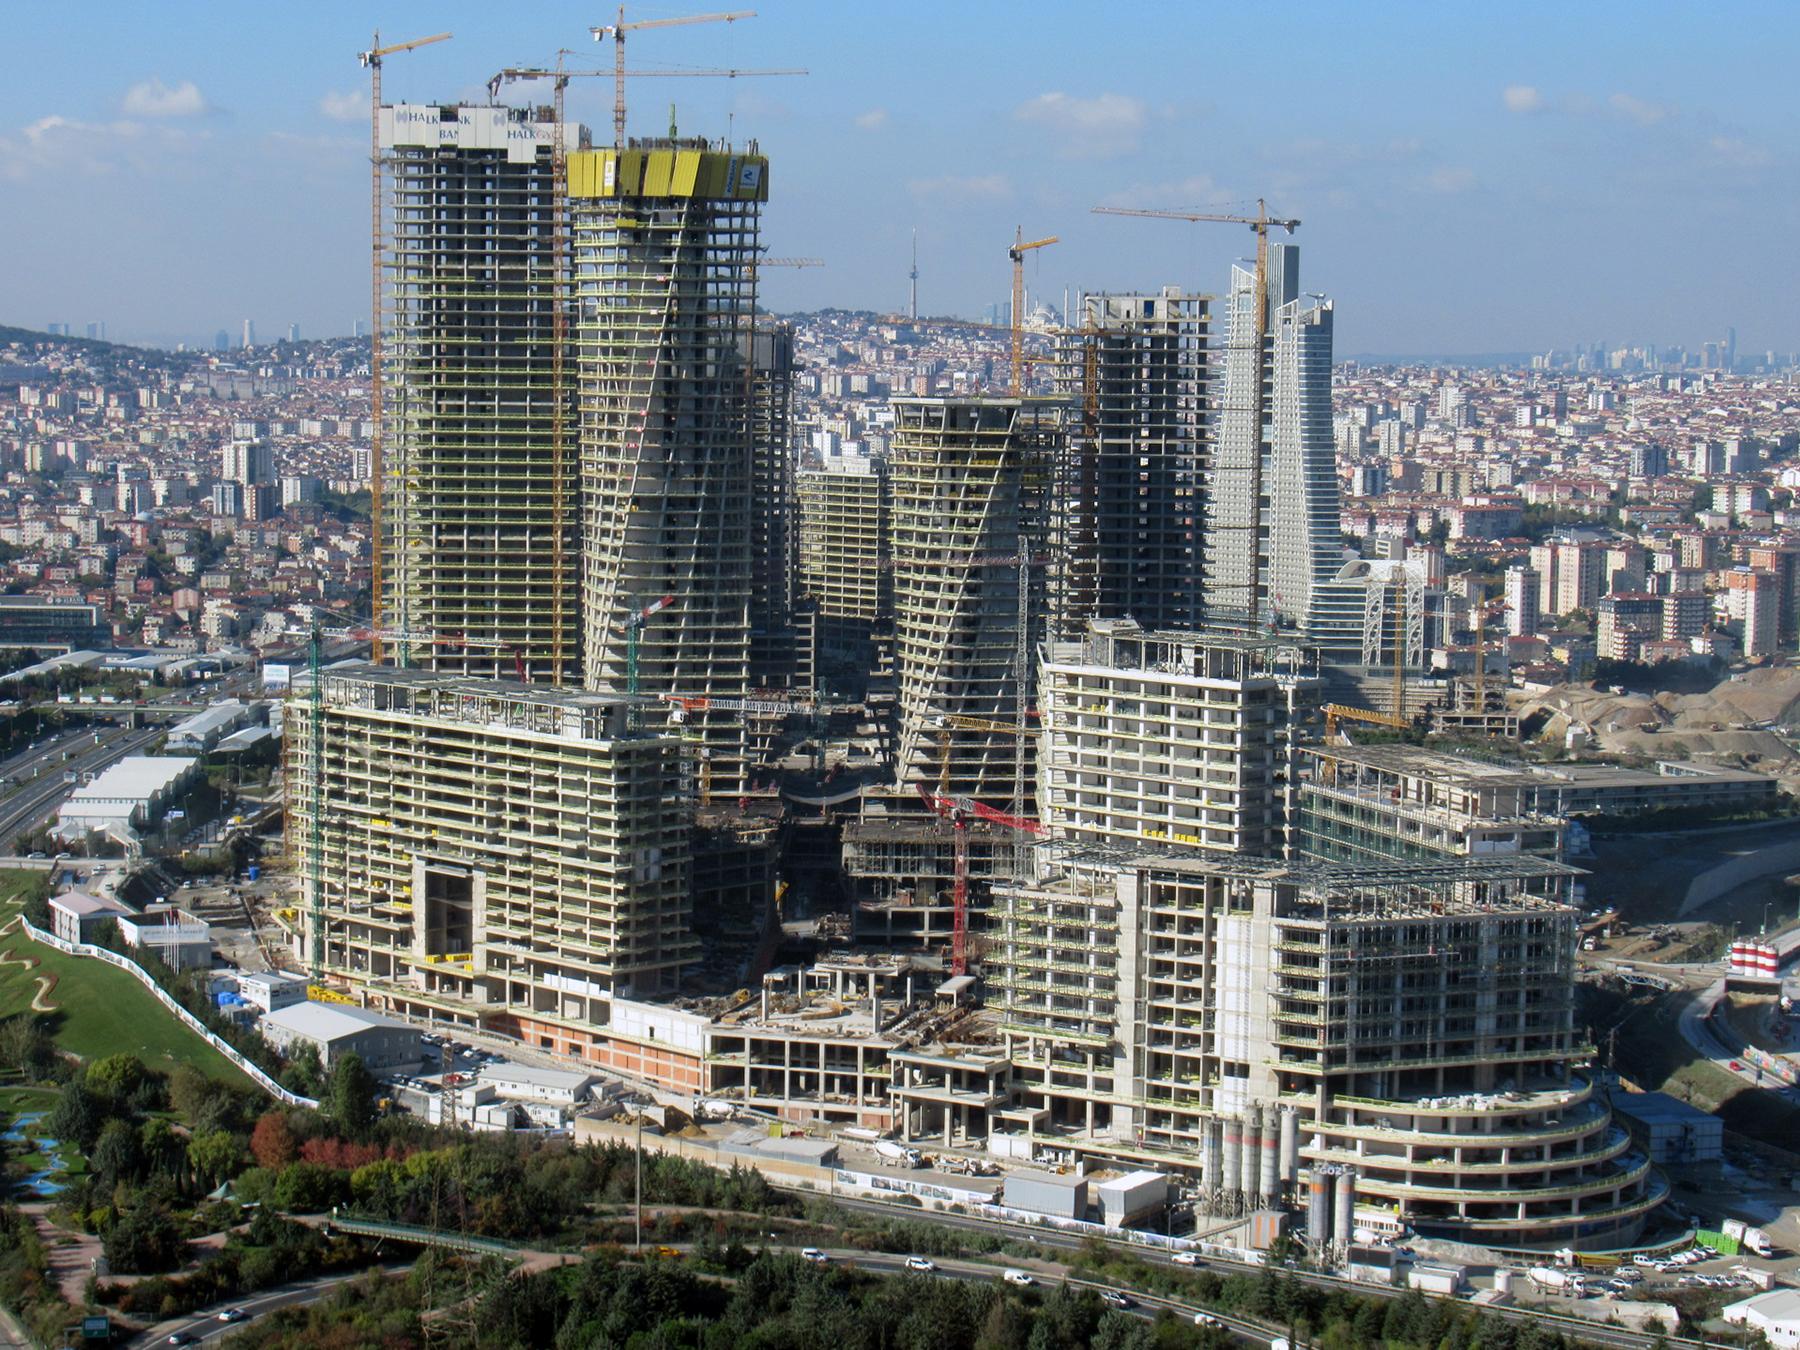 قطاع الإنشاءات والبناء في تركيا ـ نشاط وتألق